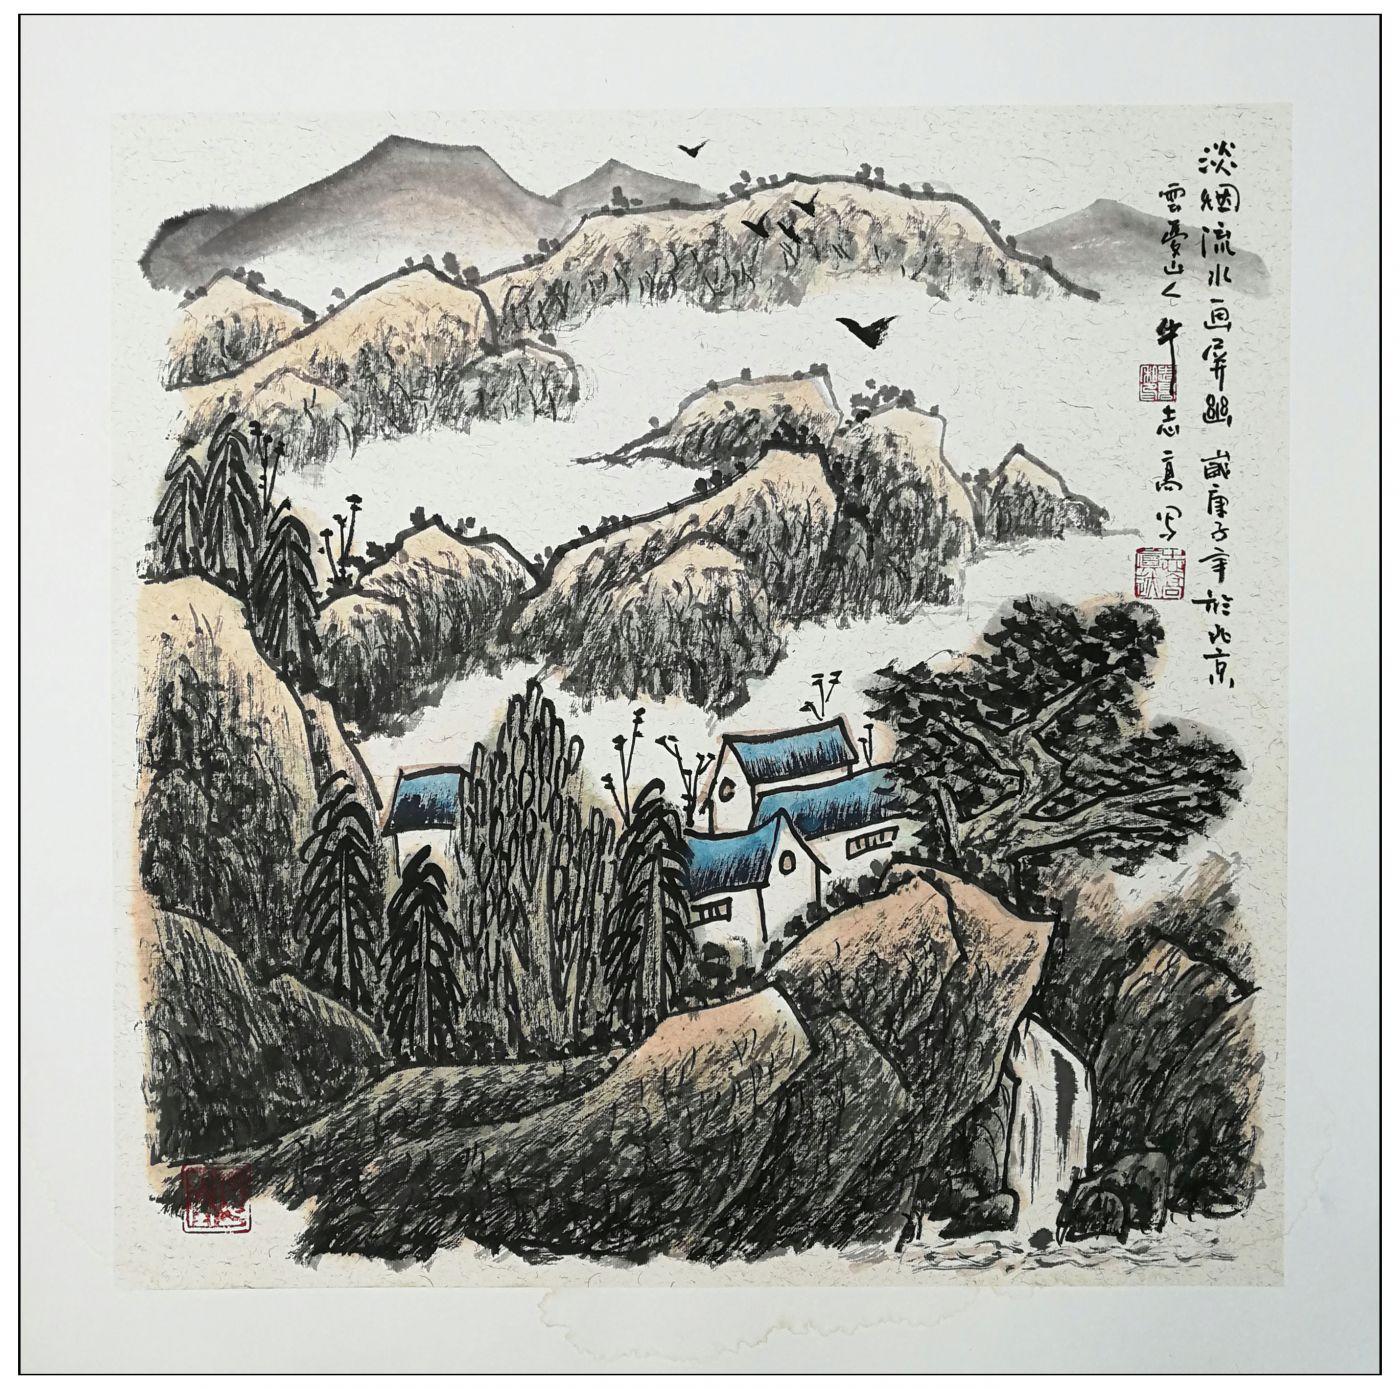 牛志高2020山水画新作-----2020.07.05_图1-14